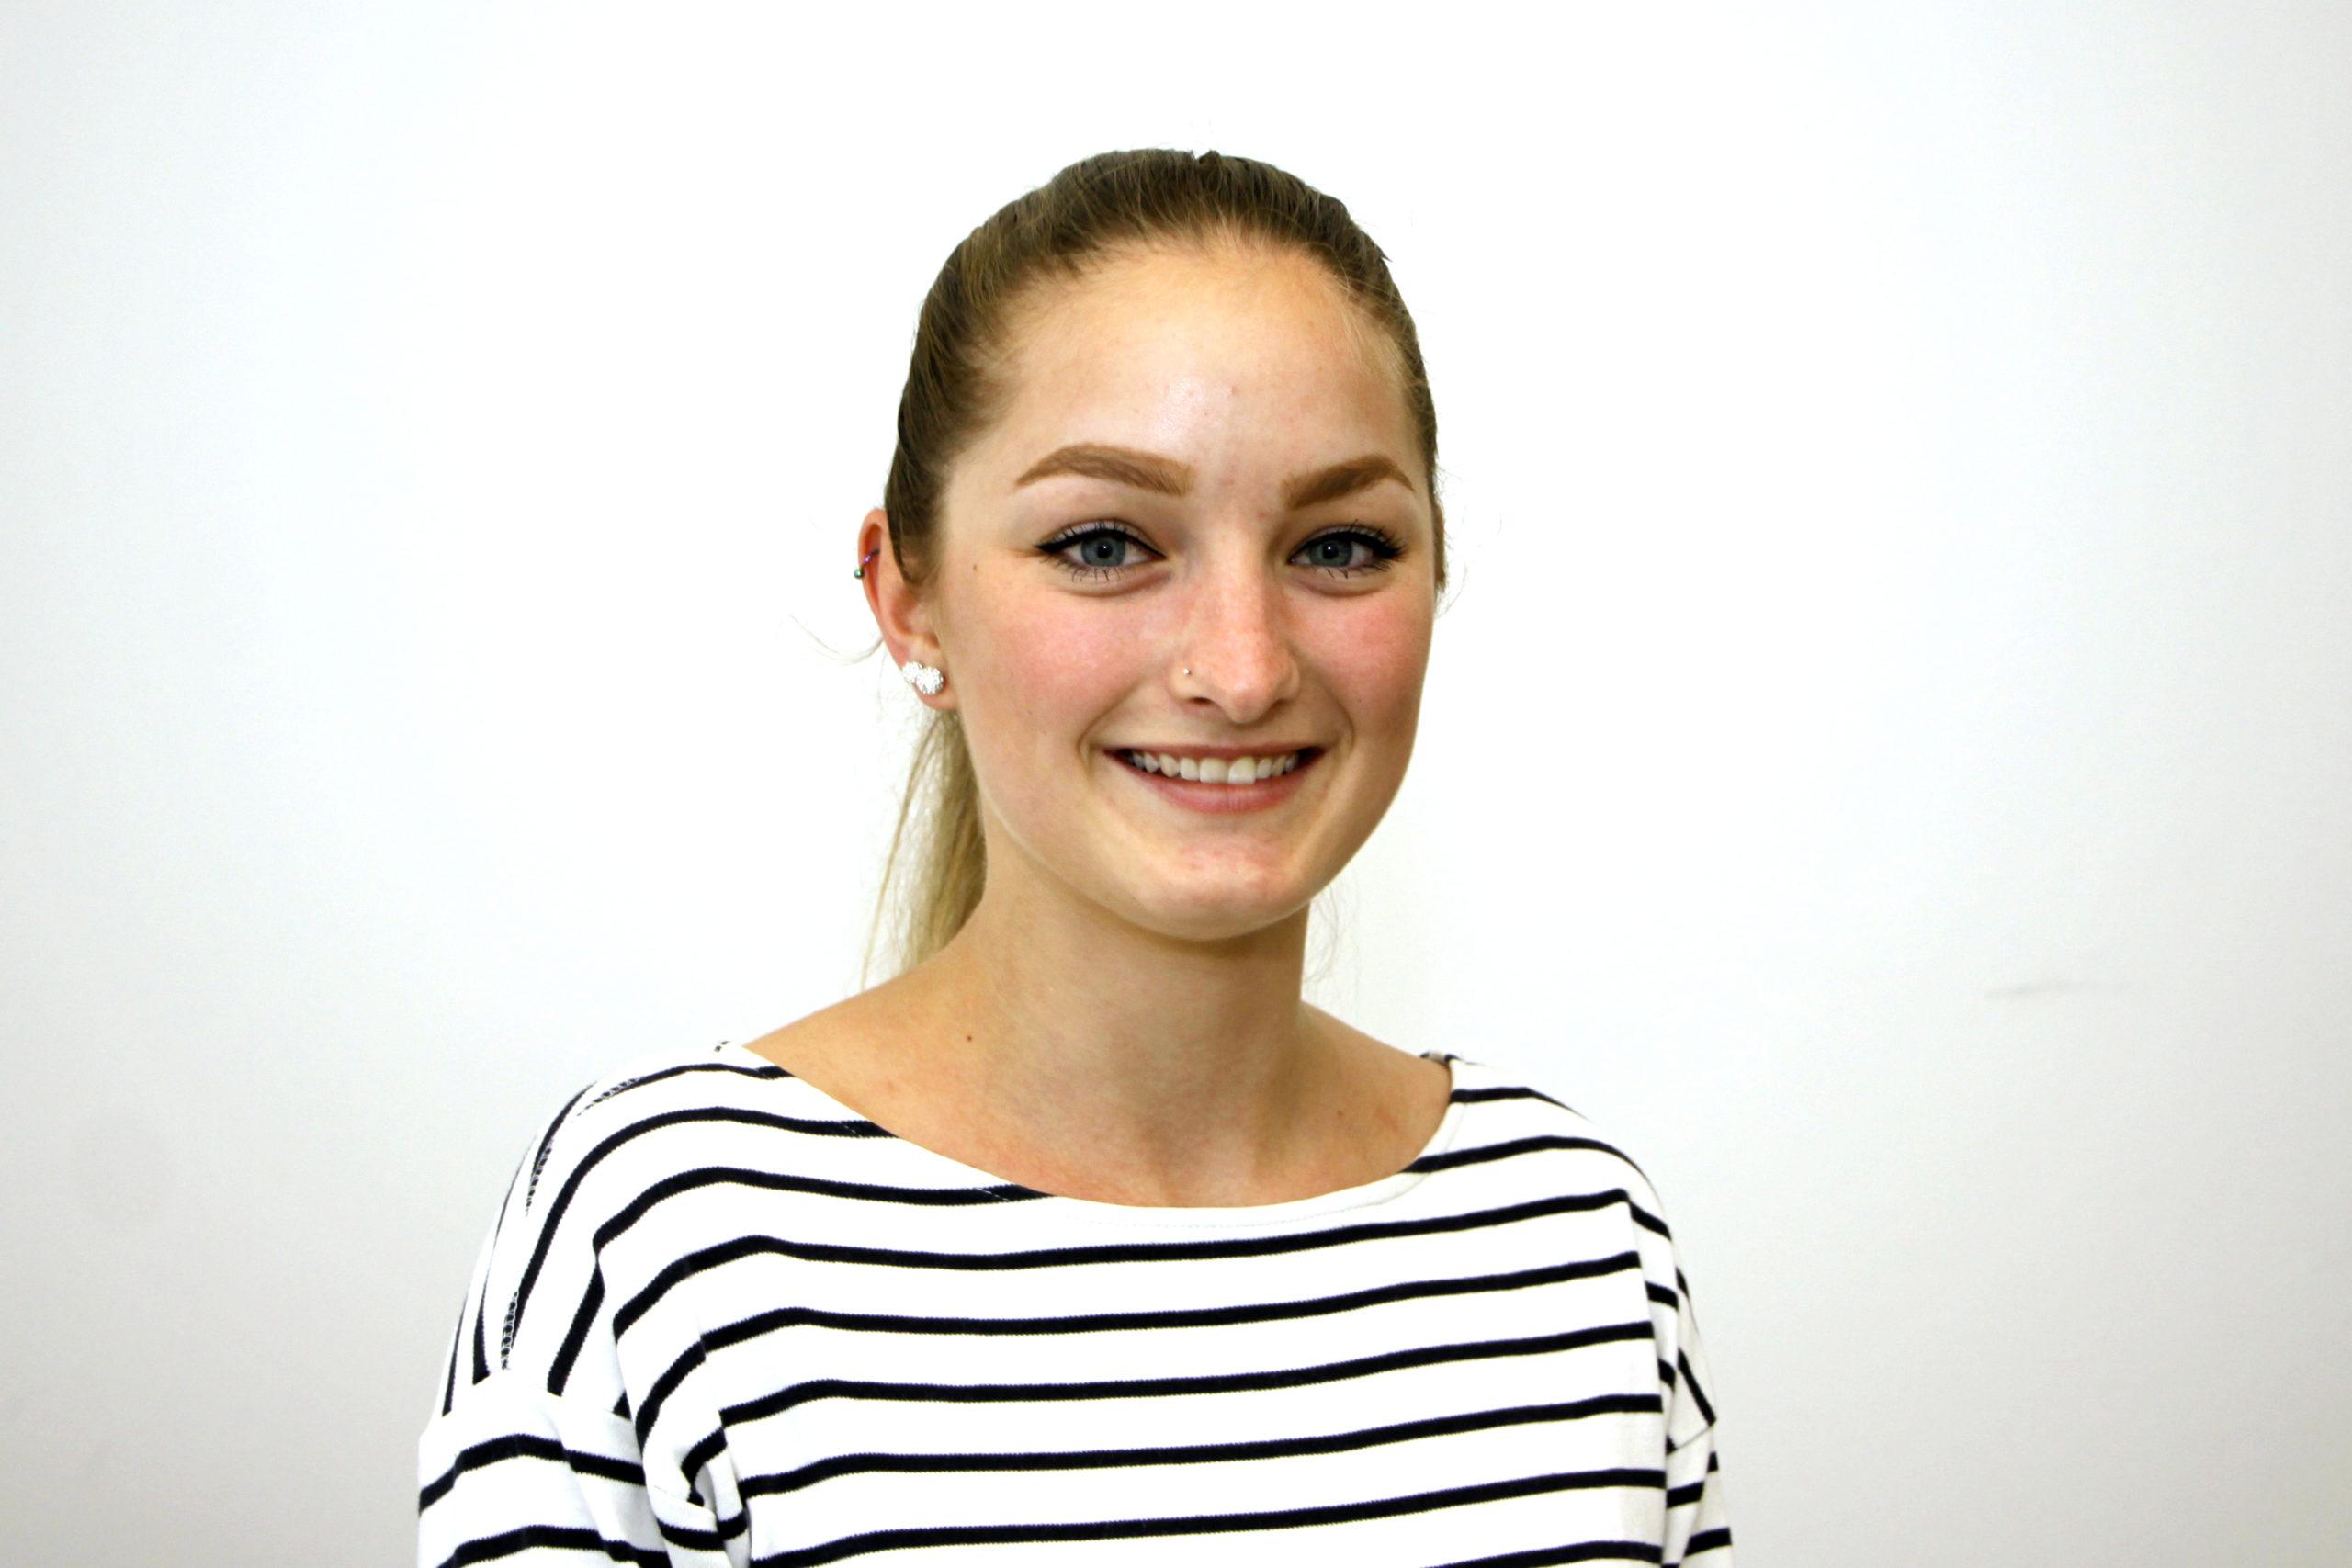 Pharmazeutisch-technischer Assistent Melanie Richter Serafina Cipriano